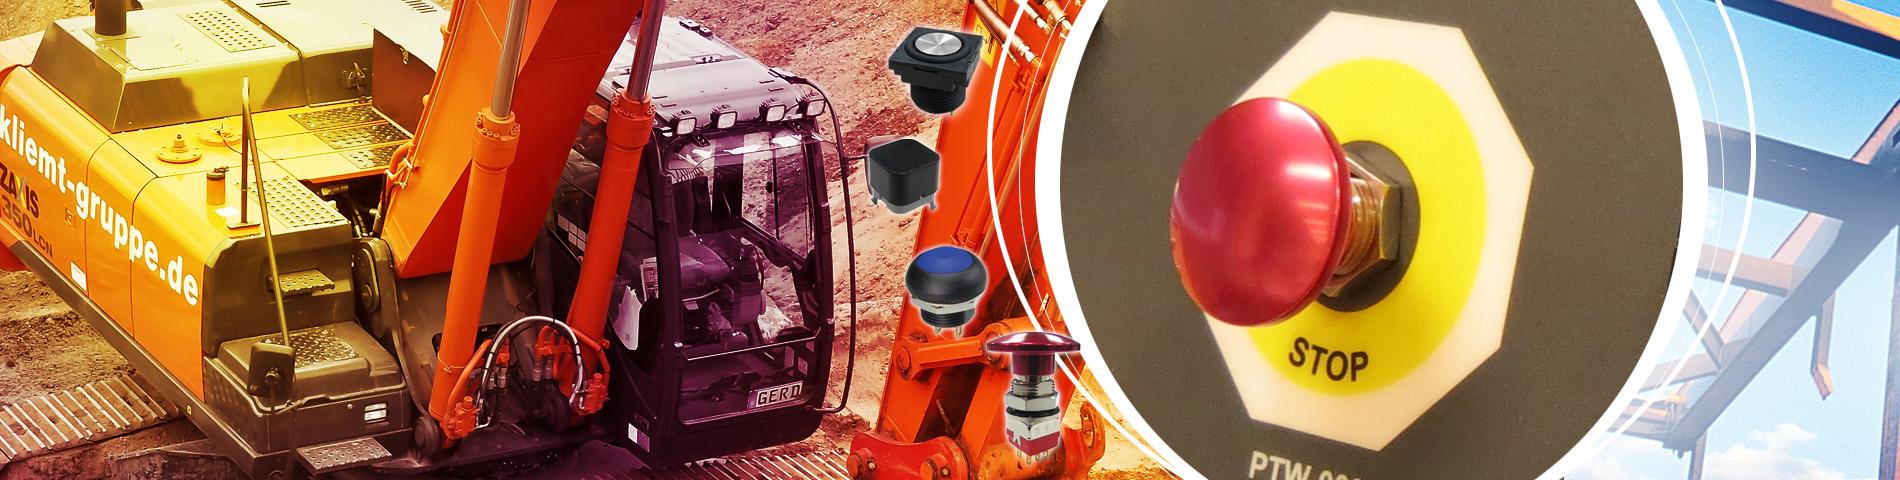 Industrieindustrie - Anwendbar auf Großmaschinen